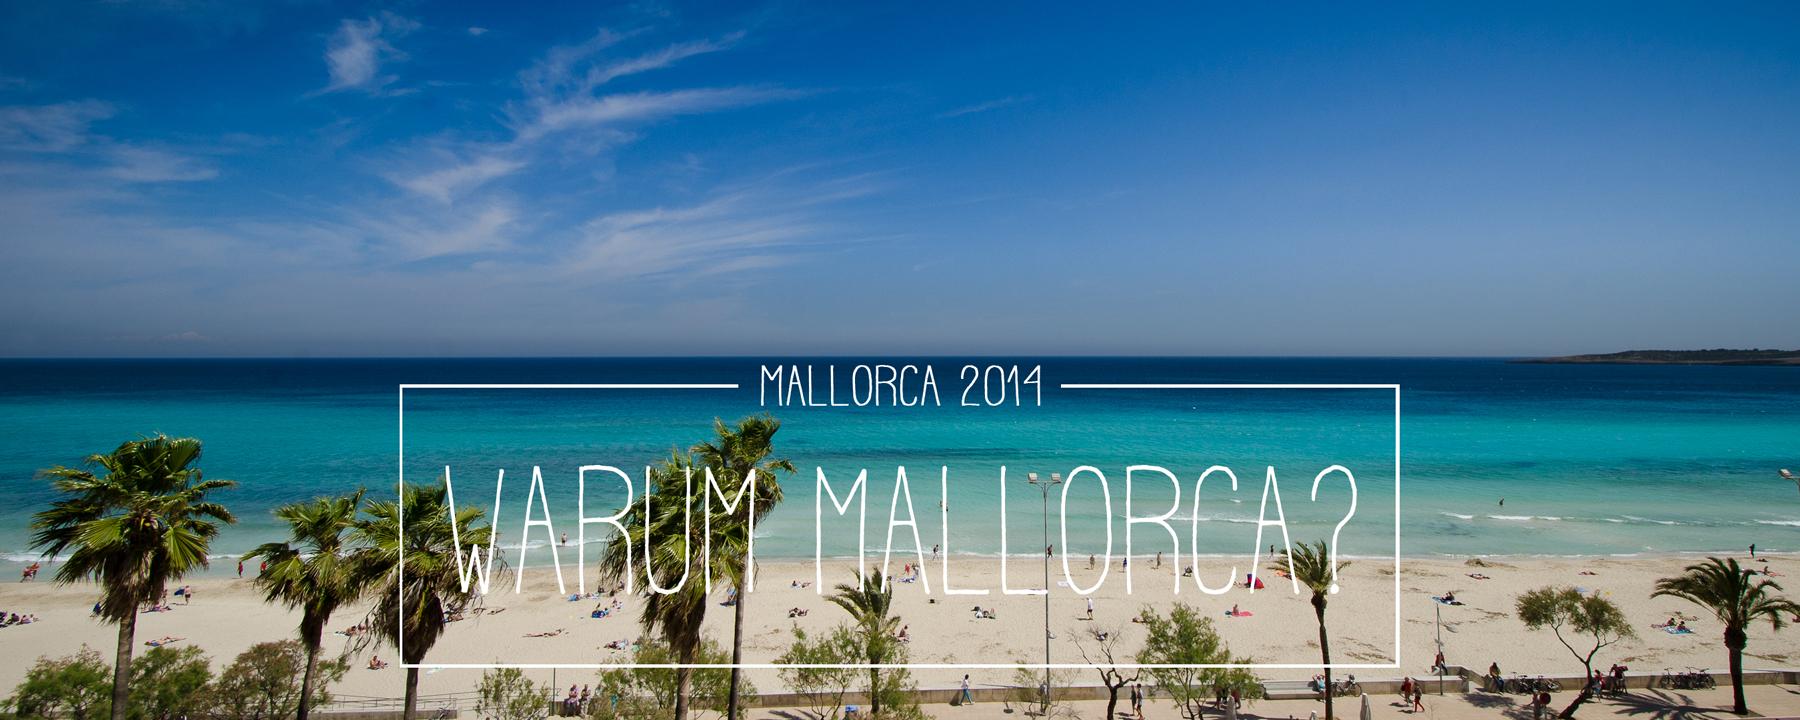 Warum ausgerechnet Mallorca!?